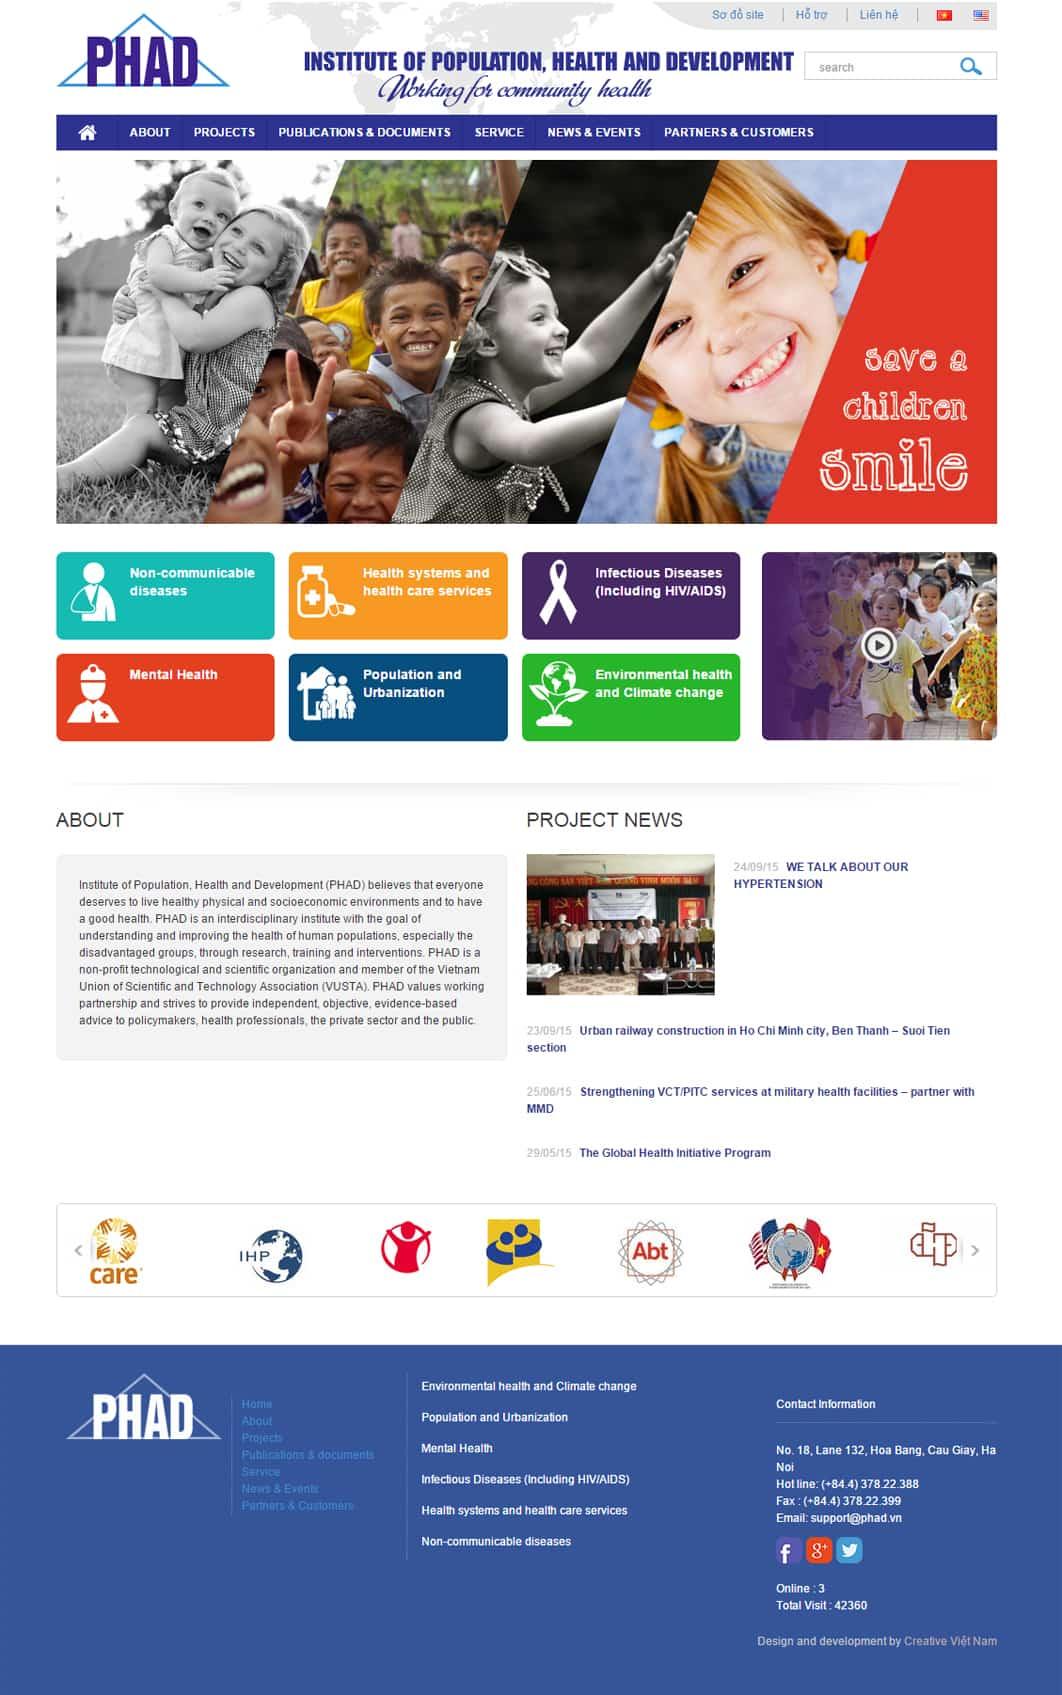 Mẫu giao diện website Viện dân số sức khoẻ PHAD